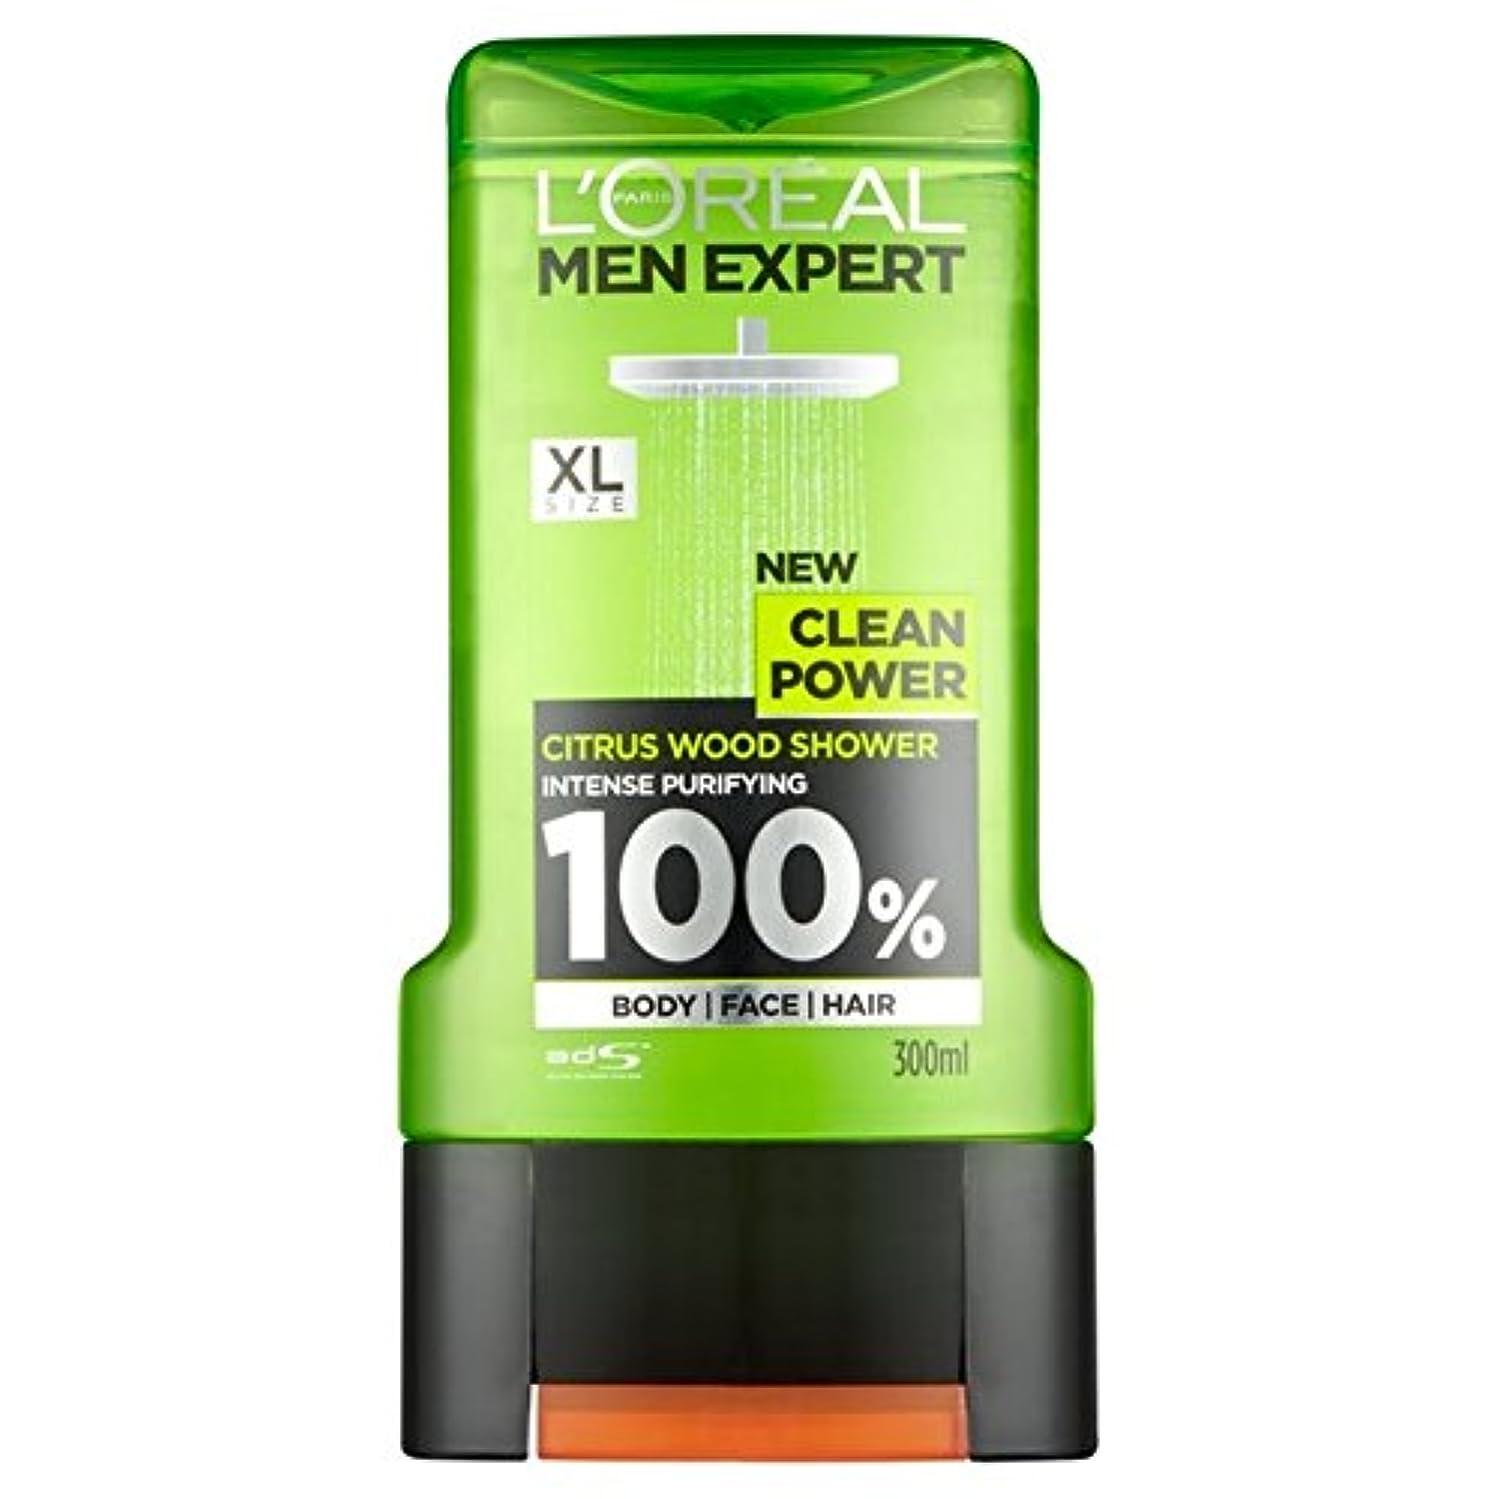 トラフむしゃむしゃ極小ロレアルパリの男性の専門家クリーンパワーシャワージェル300ミリリットル x2 - L'Oreal Paris Men Expert Clean Power Shower Gel 300ml (Pack of 2) [並行輸入品]